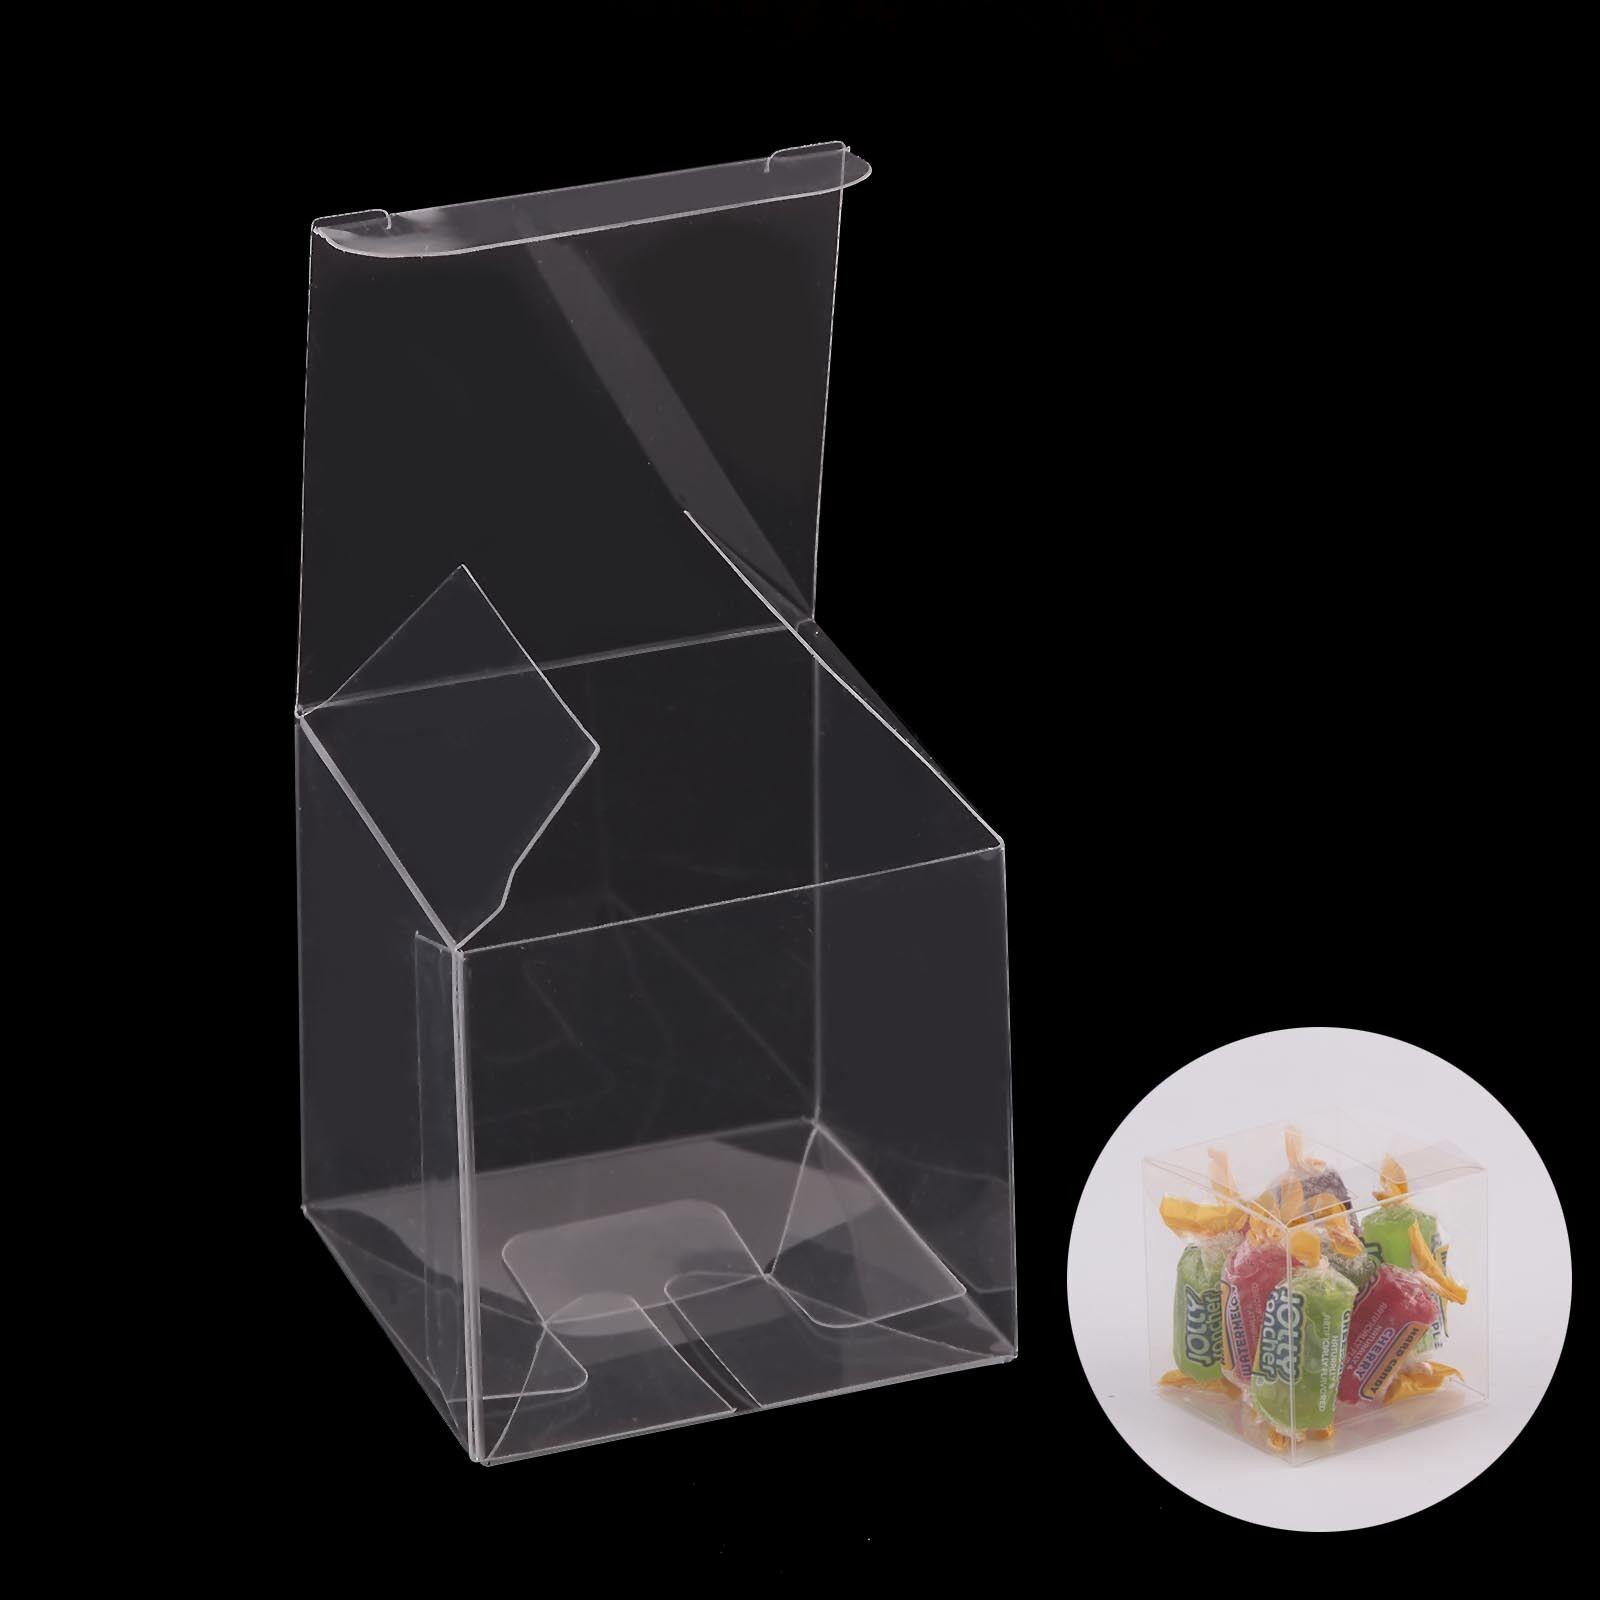 50 100 200Scatole di Scatola caramella in pvc Confezione Box Box Box Regalo trasparente 395aa8